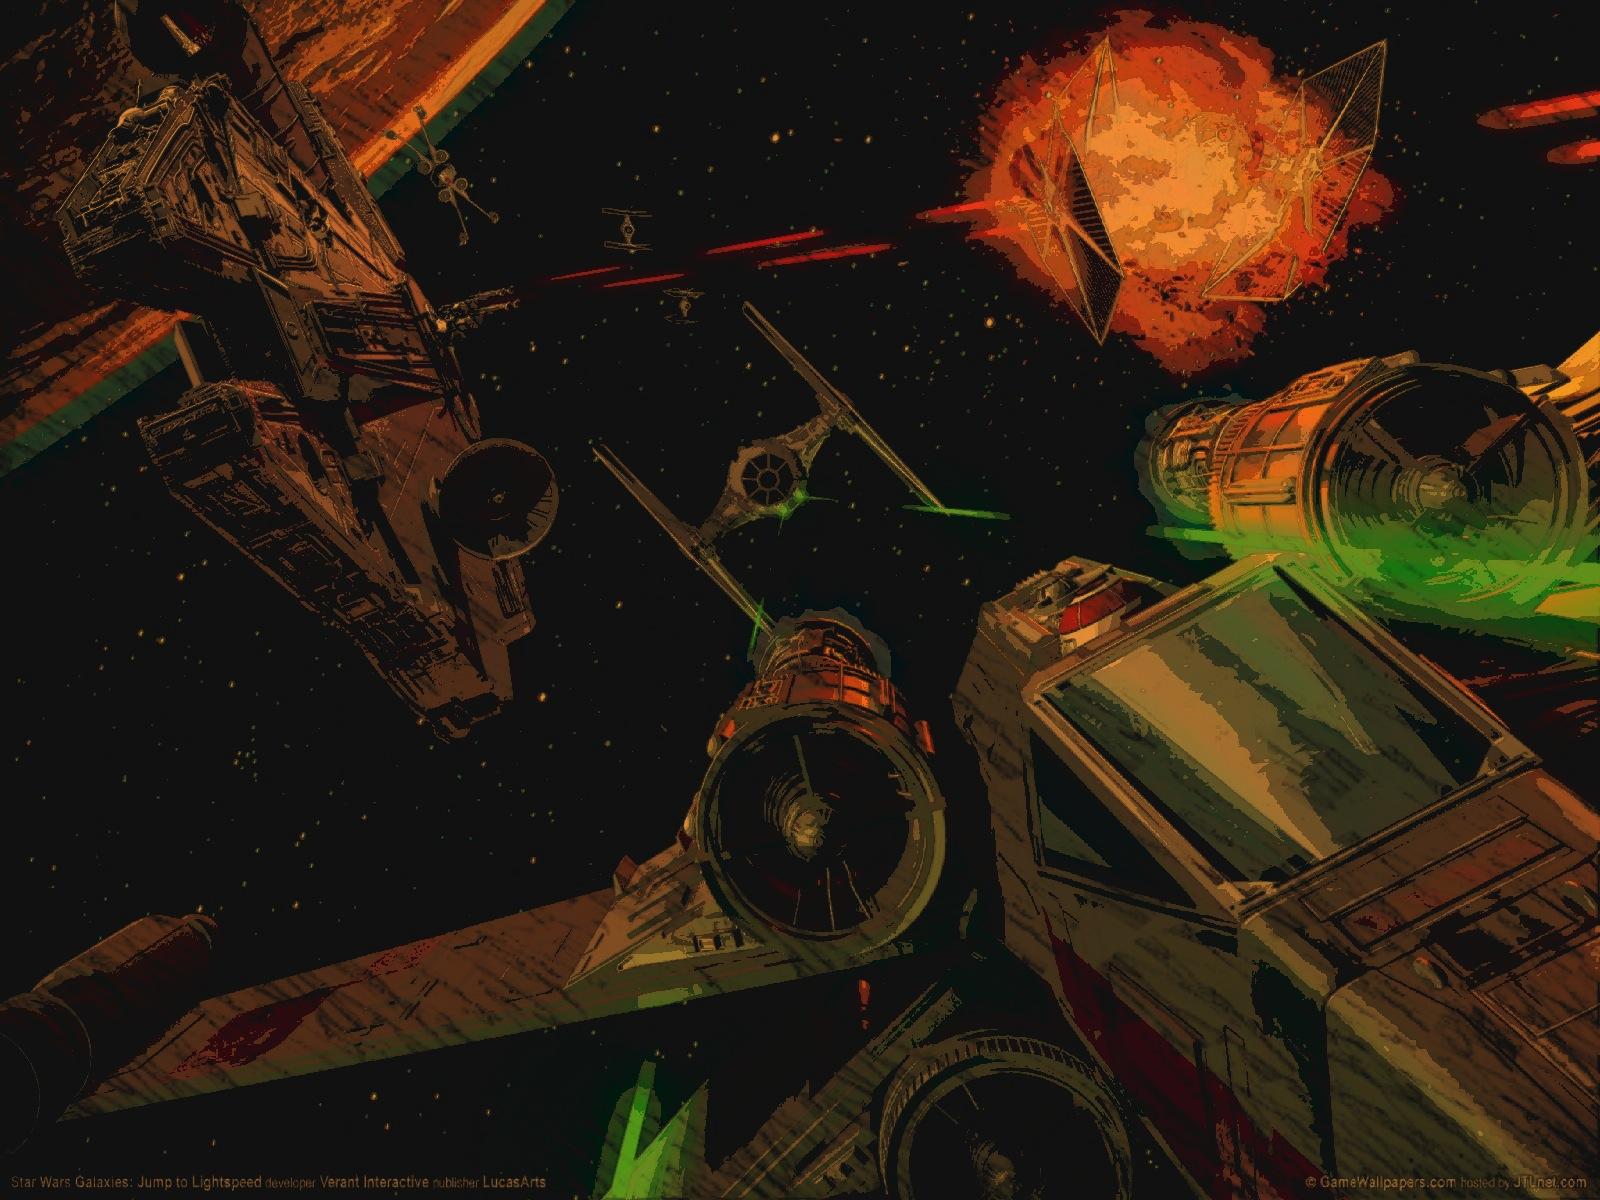 Star Wars 1600x1200